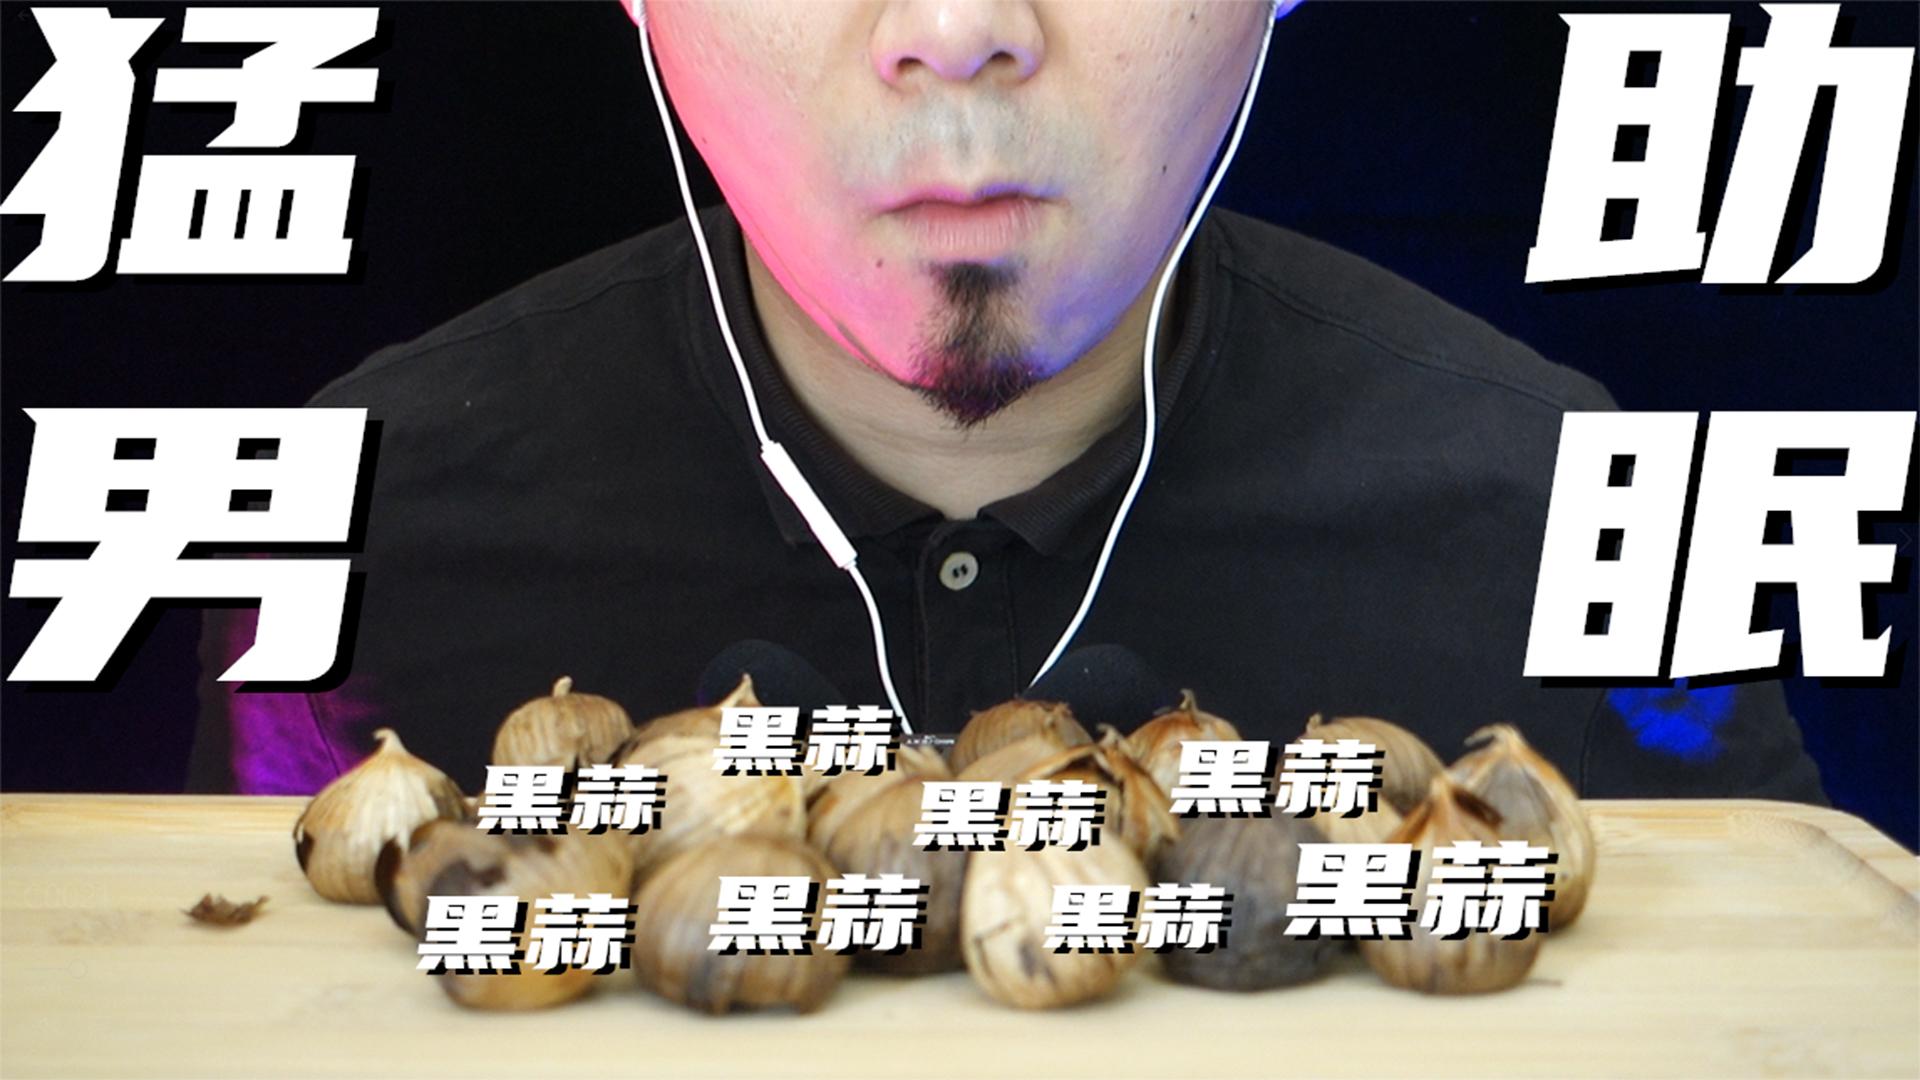 猛男必看:我用黑蒜做了一期吃播向助眠,看完你也会喜欢上黑蒜的